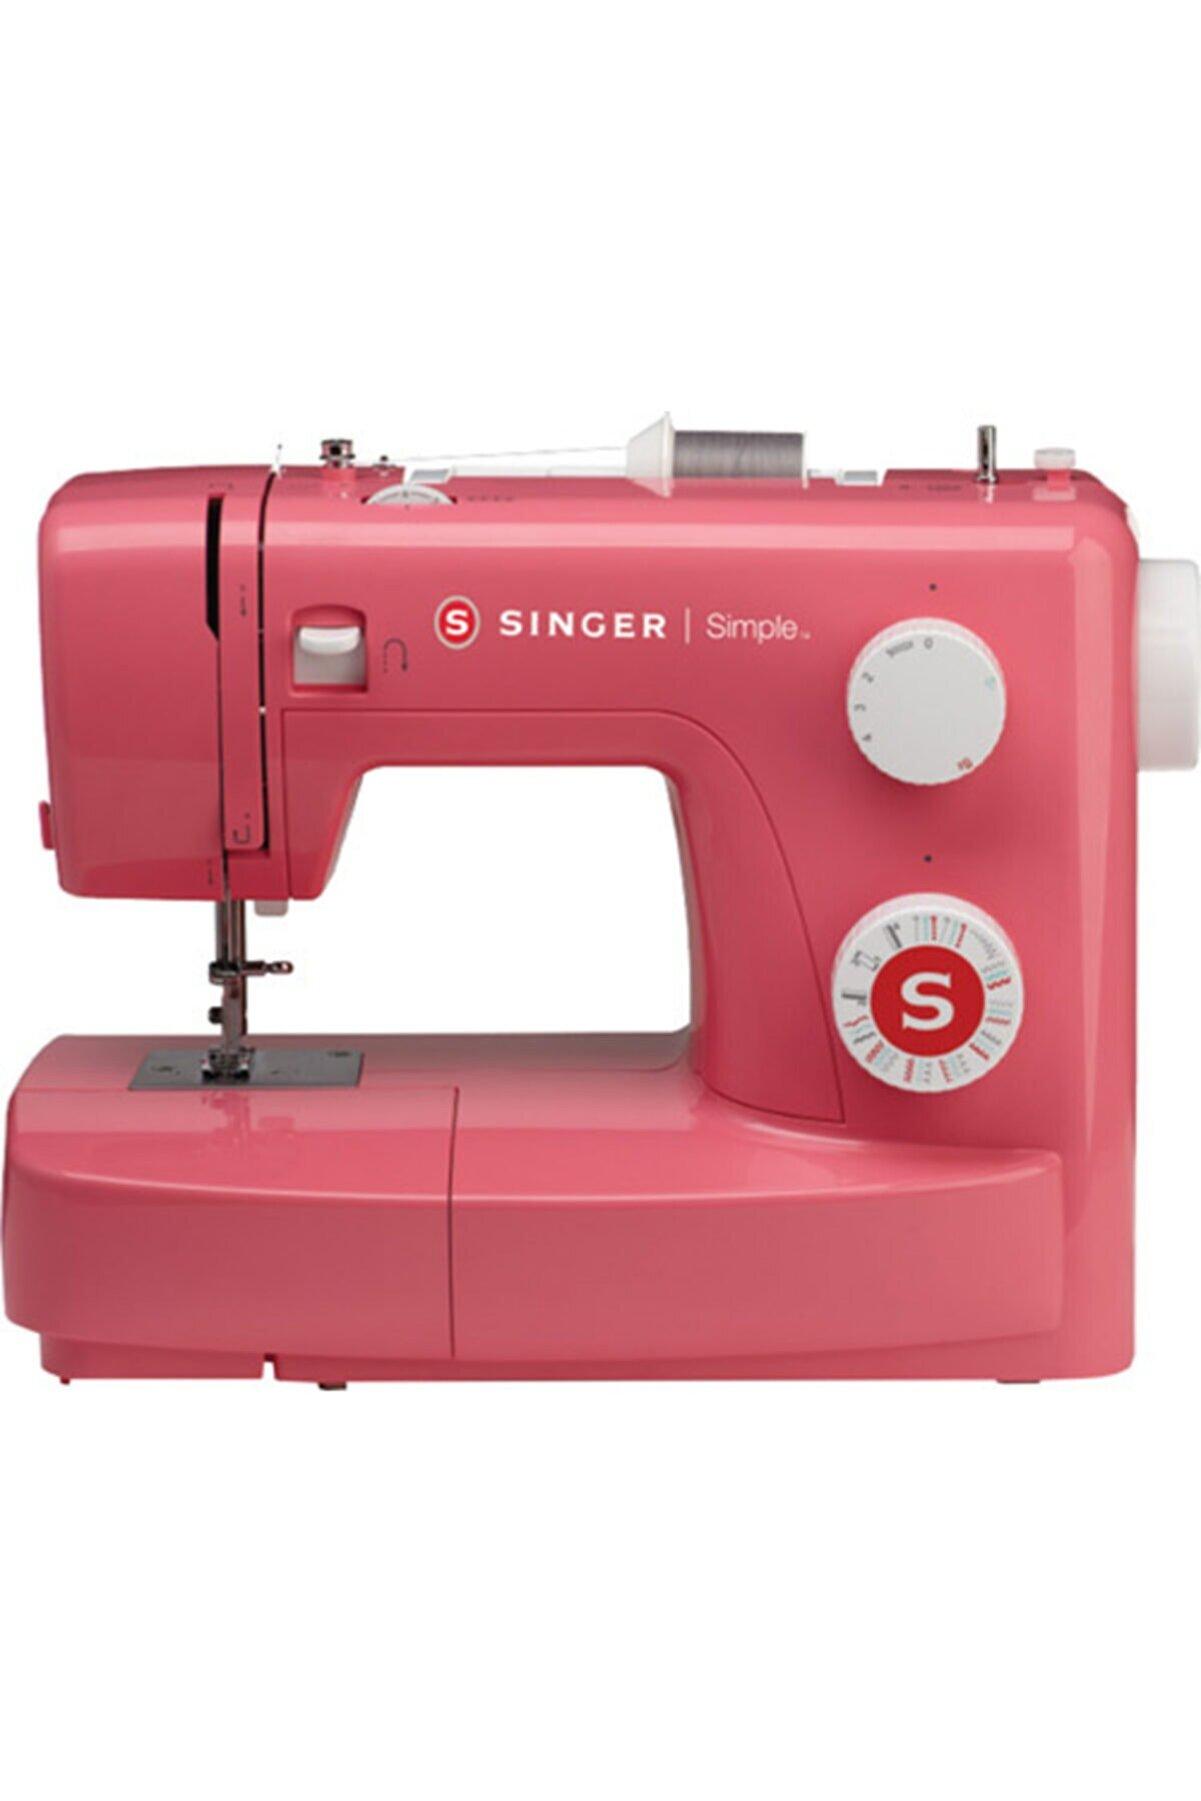 SINGER Sınger Simple 3223 Dikiş Makinesi ( Distribütör Garantili )